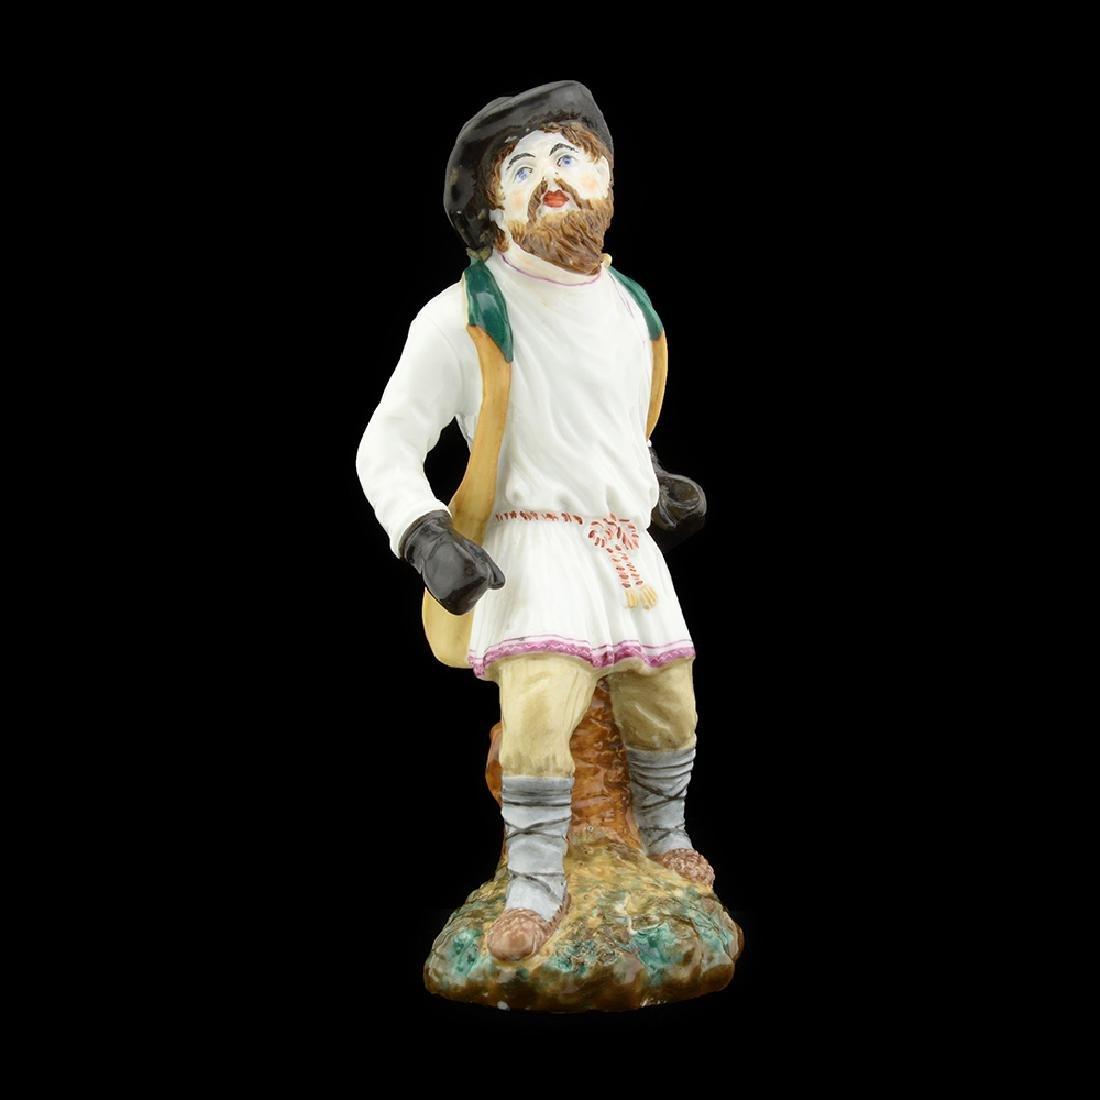 Russian porcelain peasant boxer figure